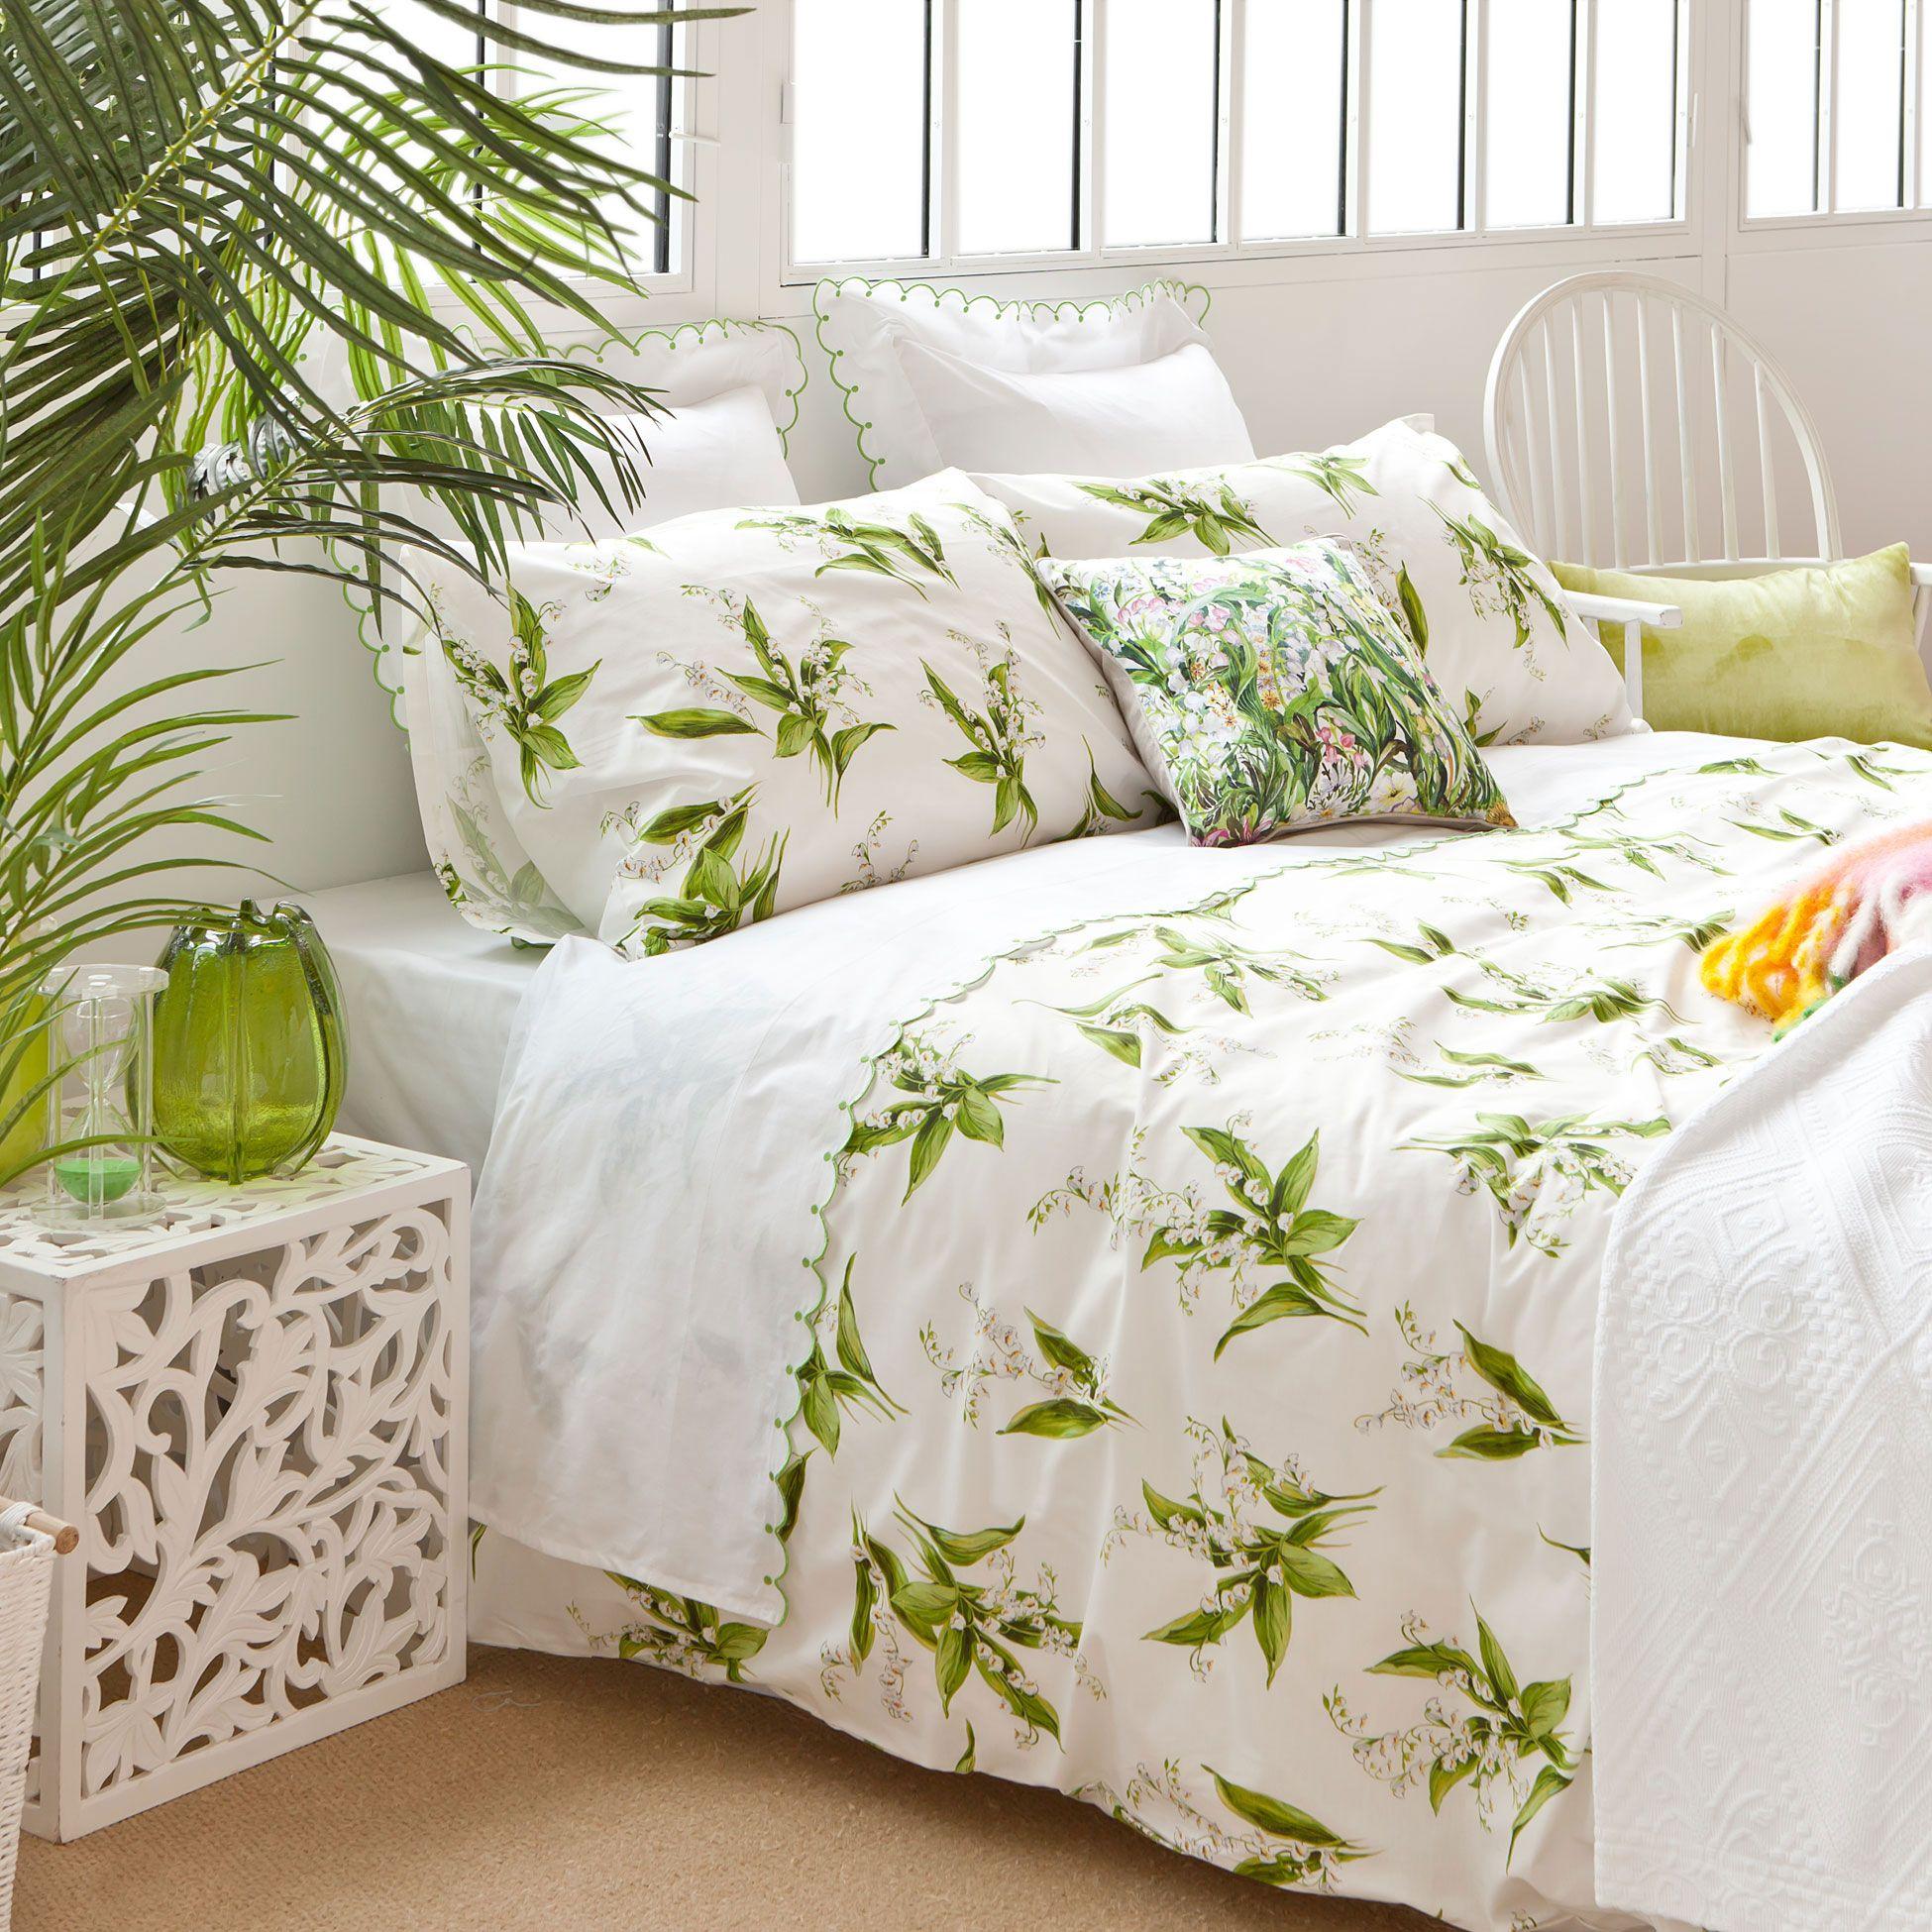 FLORAL PRINT BED LINEN - Bed Linen - Bedroom | Zara Home Indonesia ...